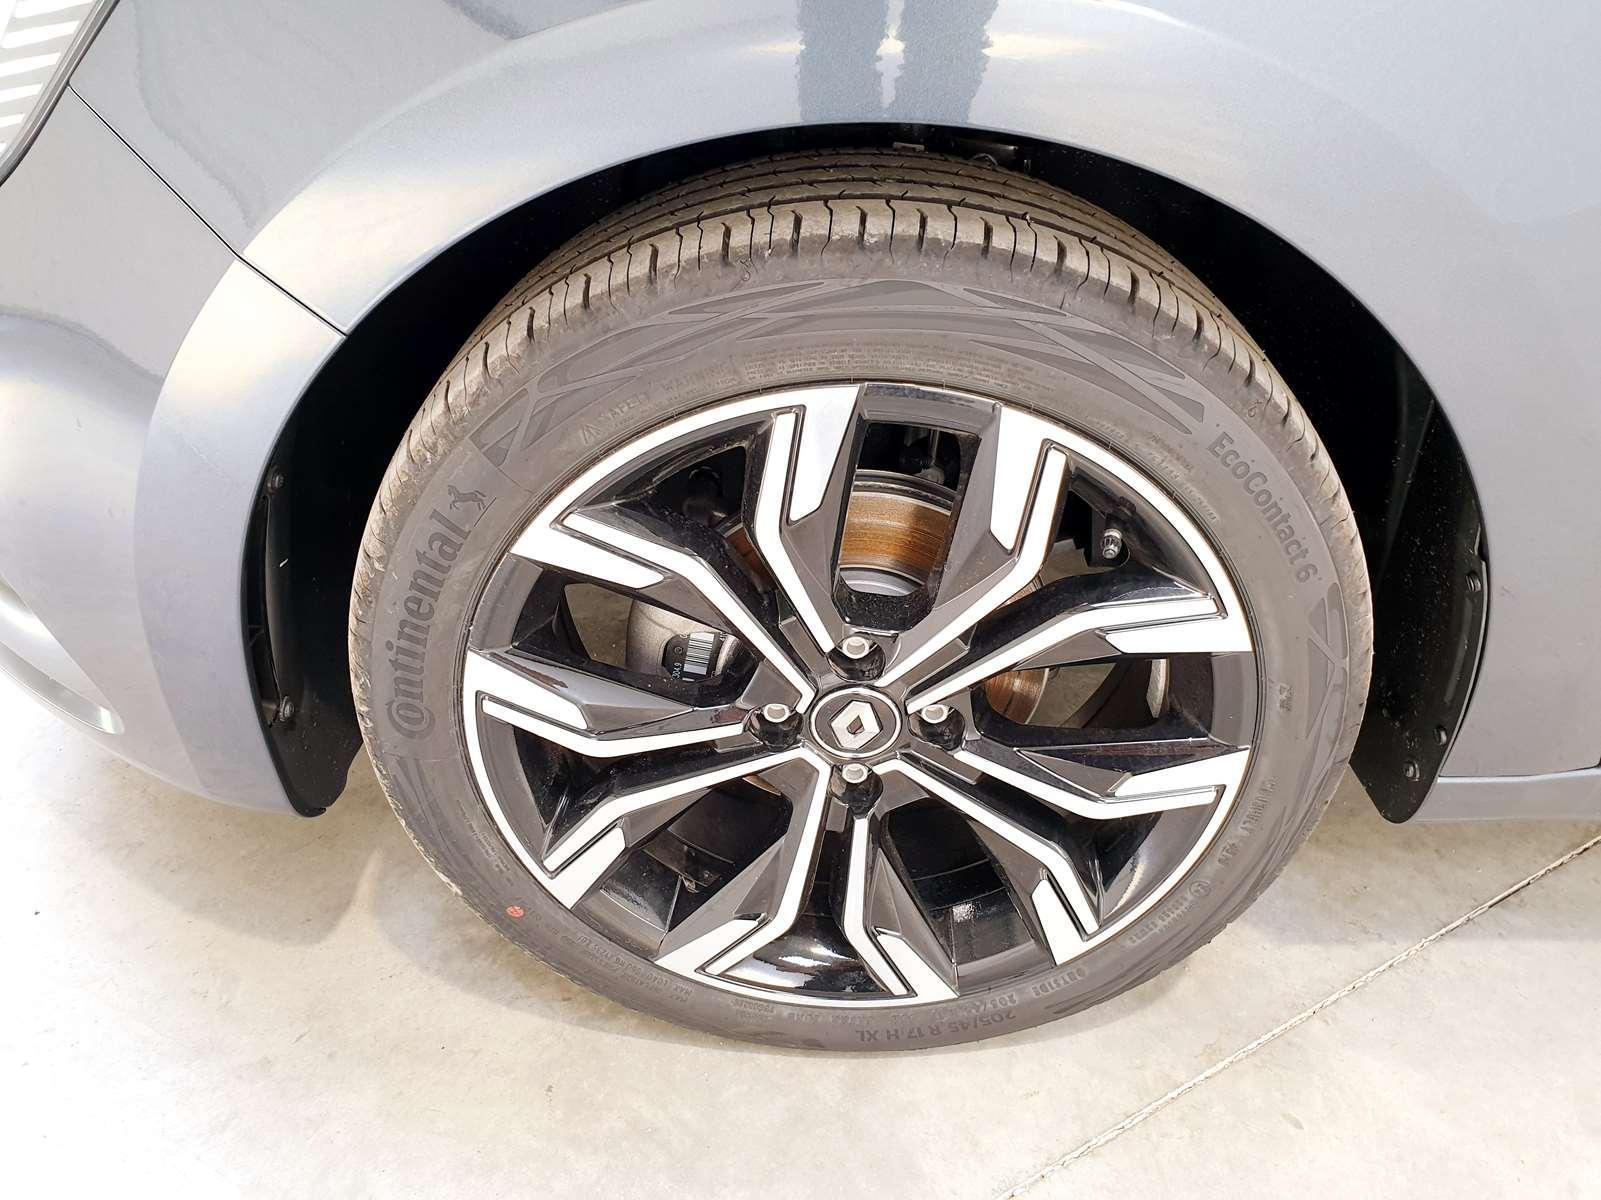 Miniature RENAULT CLIO V Blue dCi 85 Intens